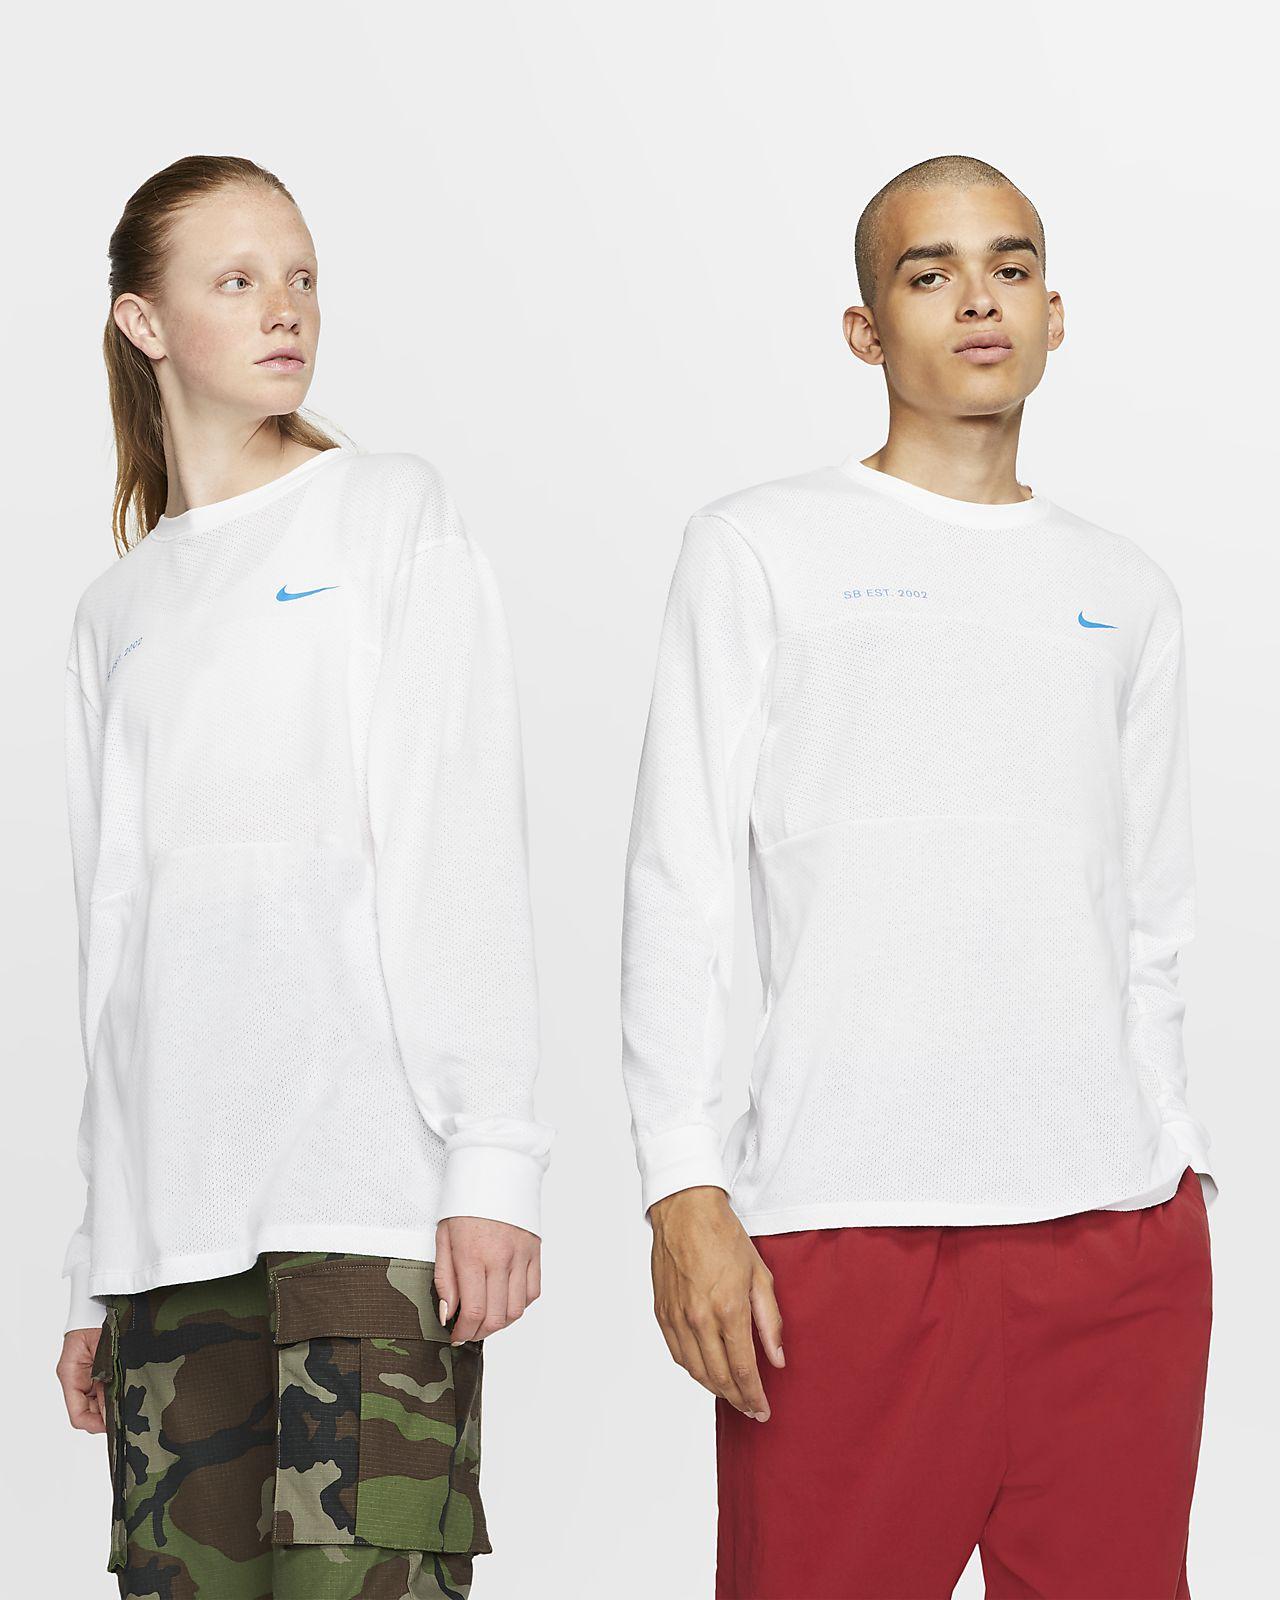 Μακρυμάνικη μπλούζα skateboarding από διχτυωτό υλικό Nike SB